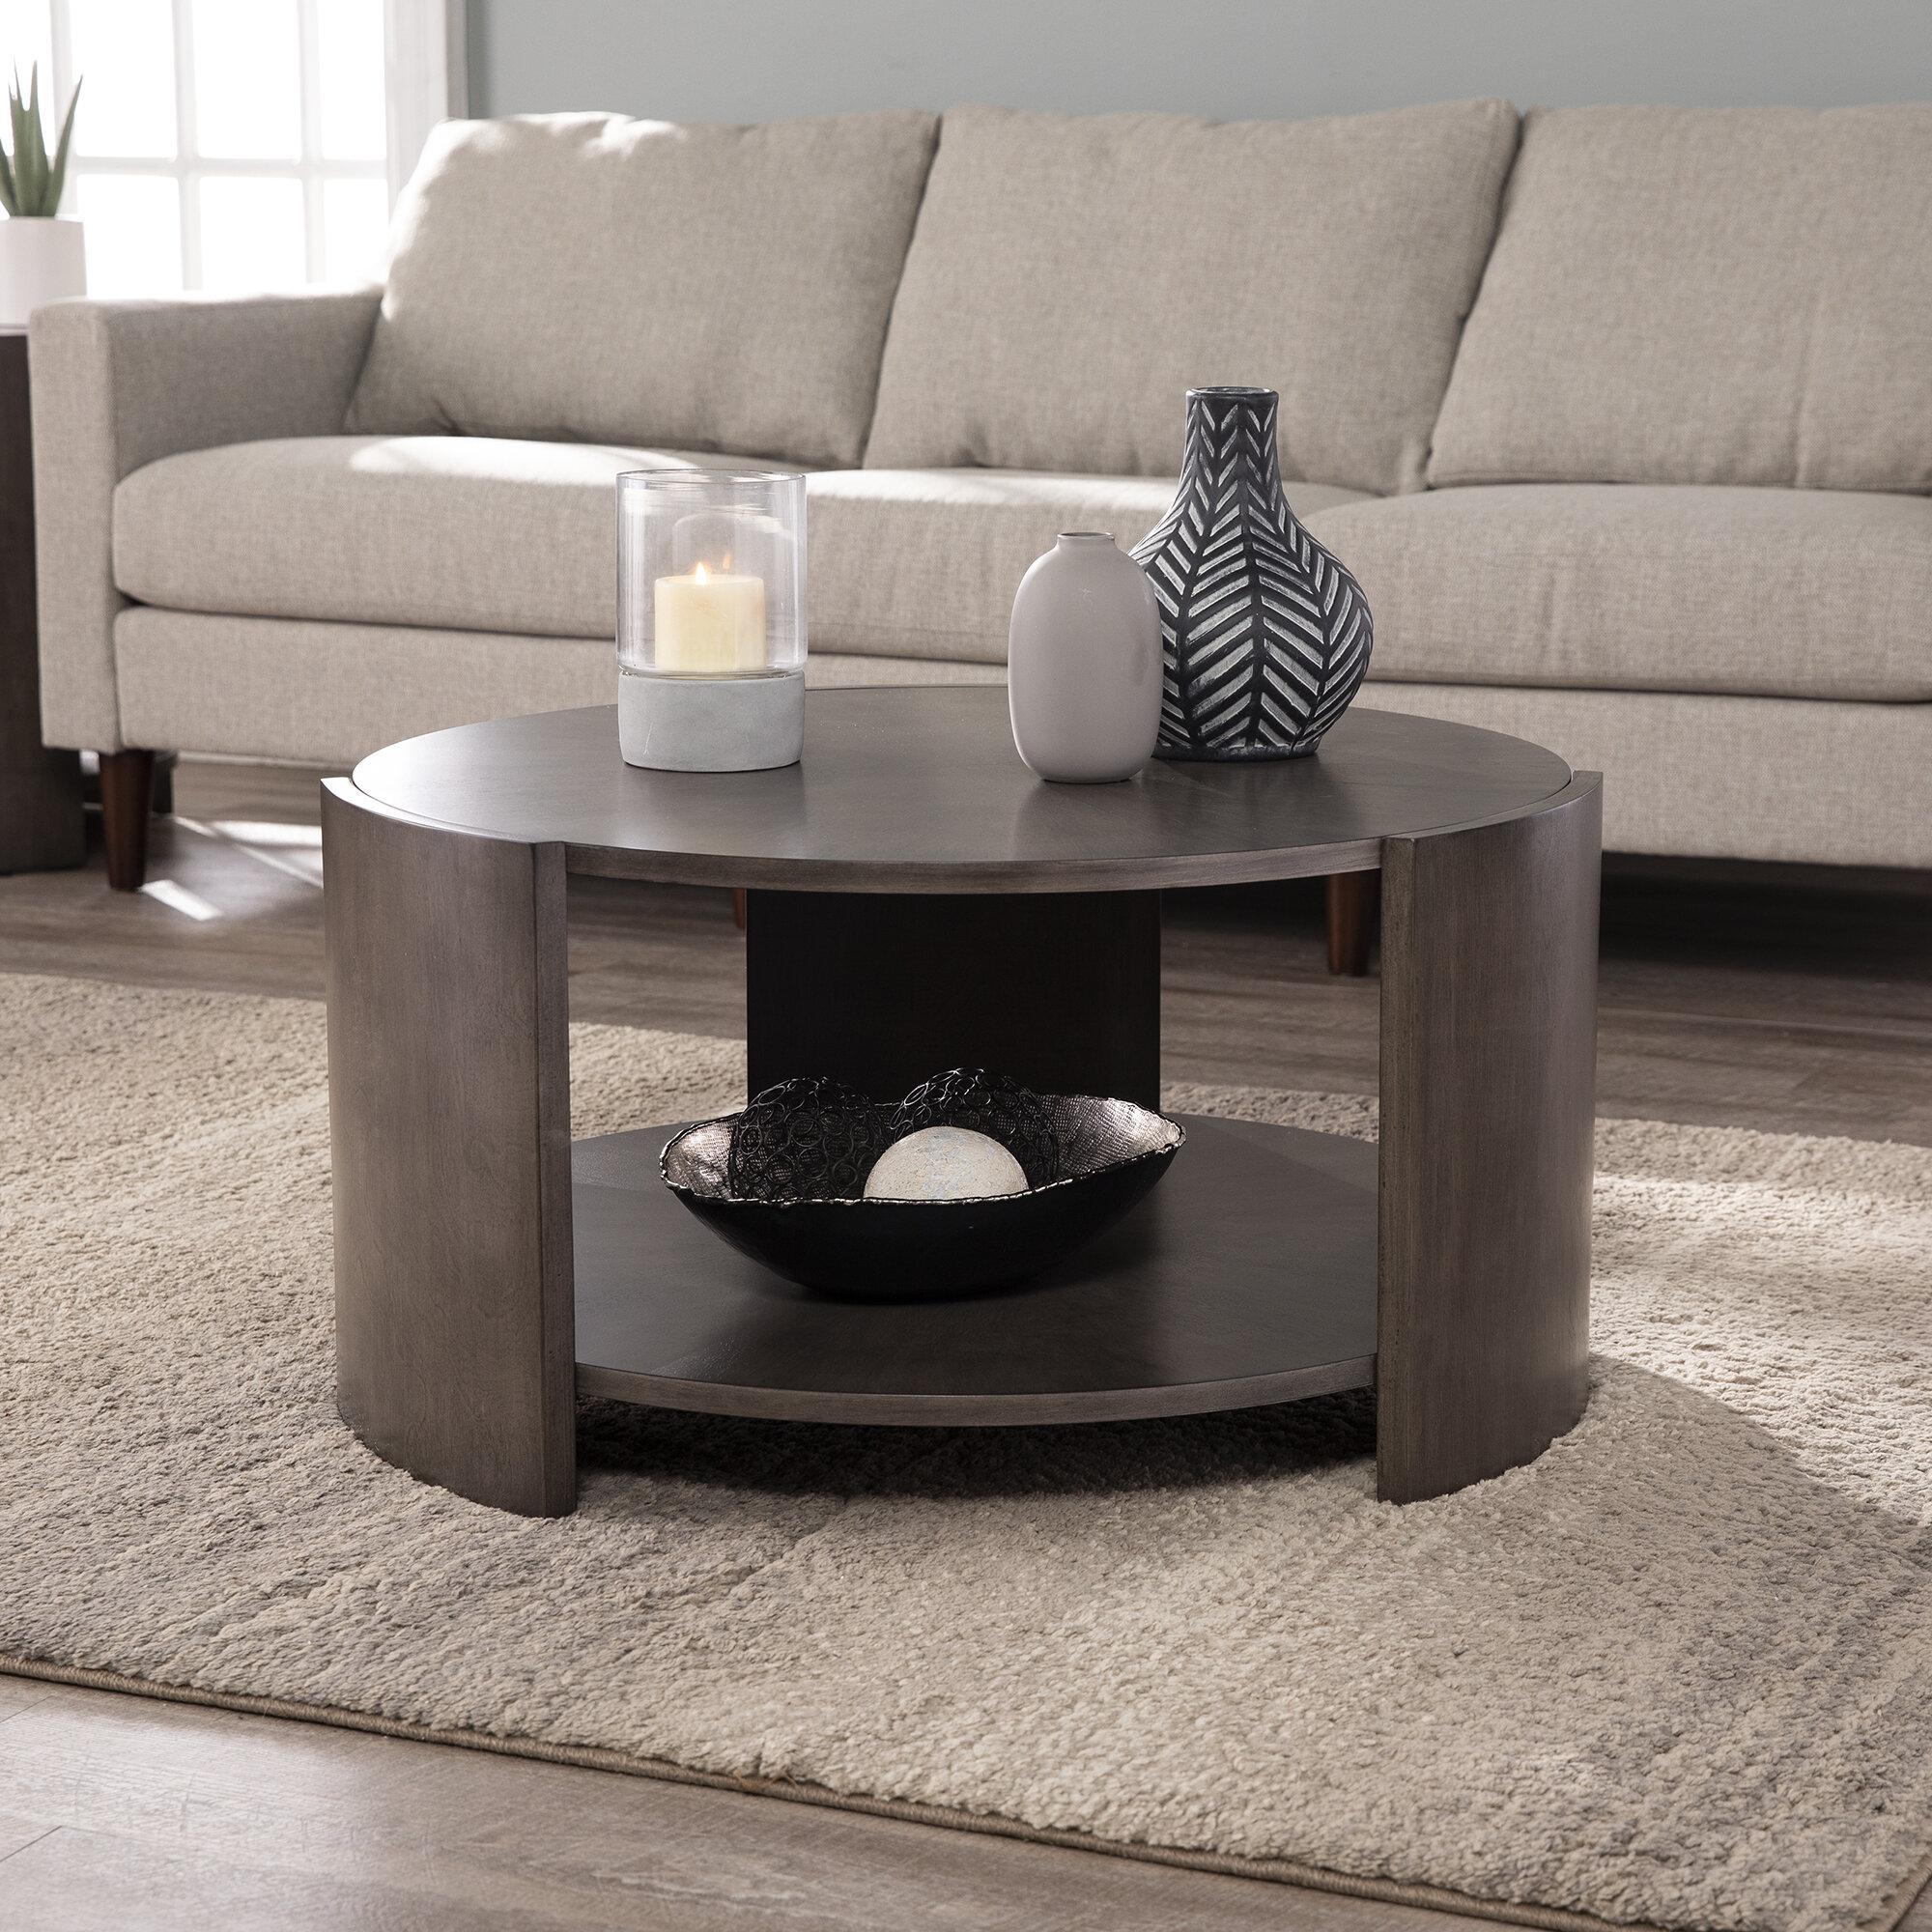 - Orren Ellis Arkendale Coffee Table With Storage & Reviews Wayfair